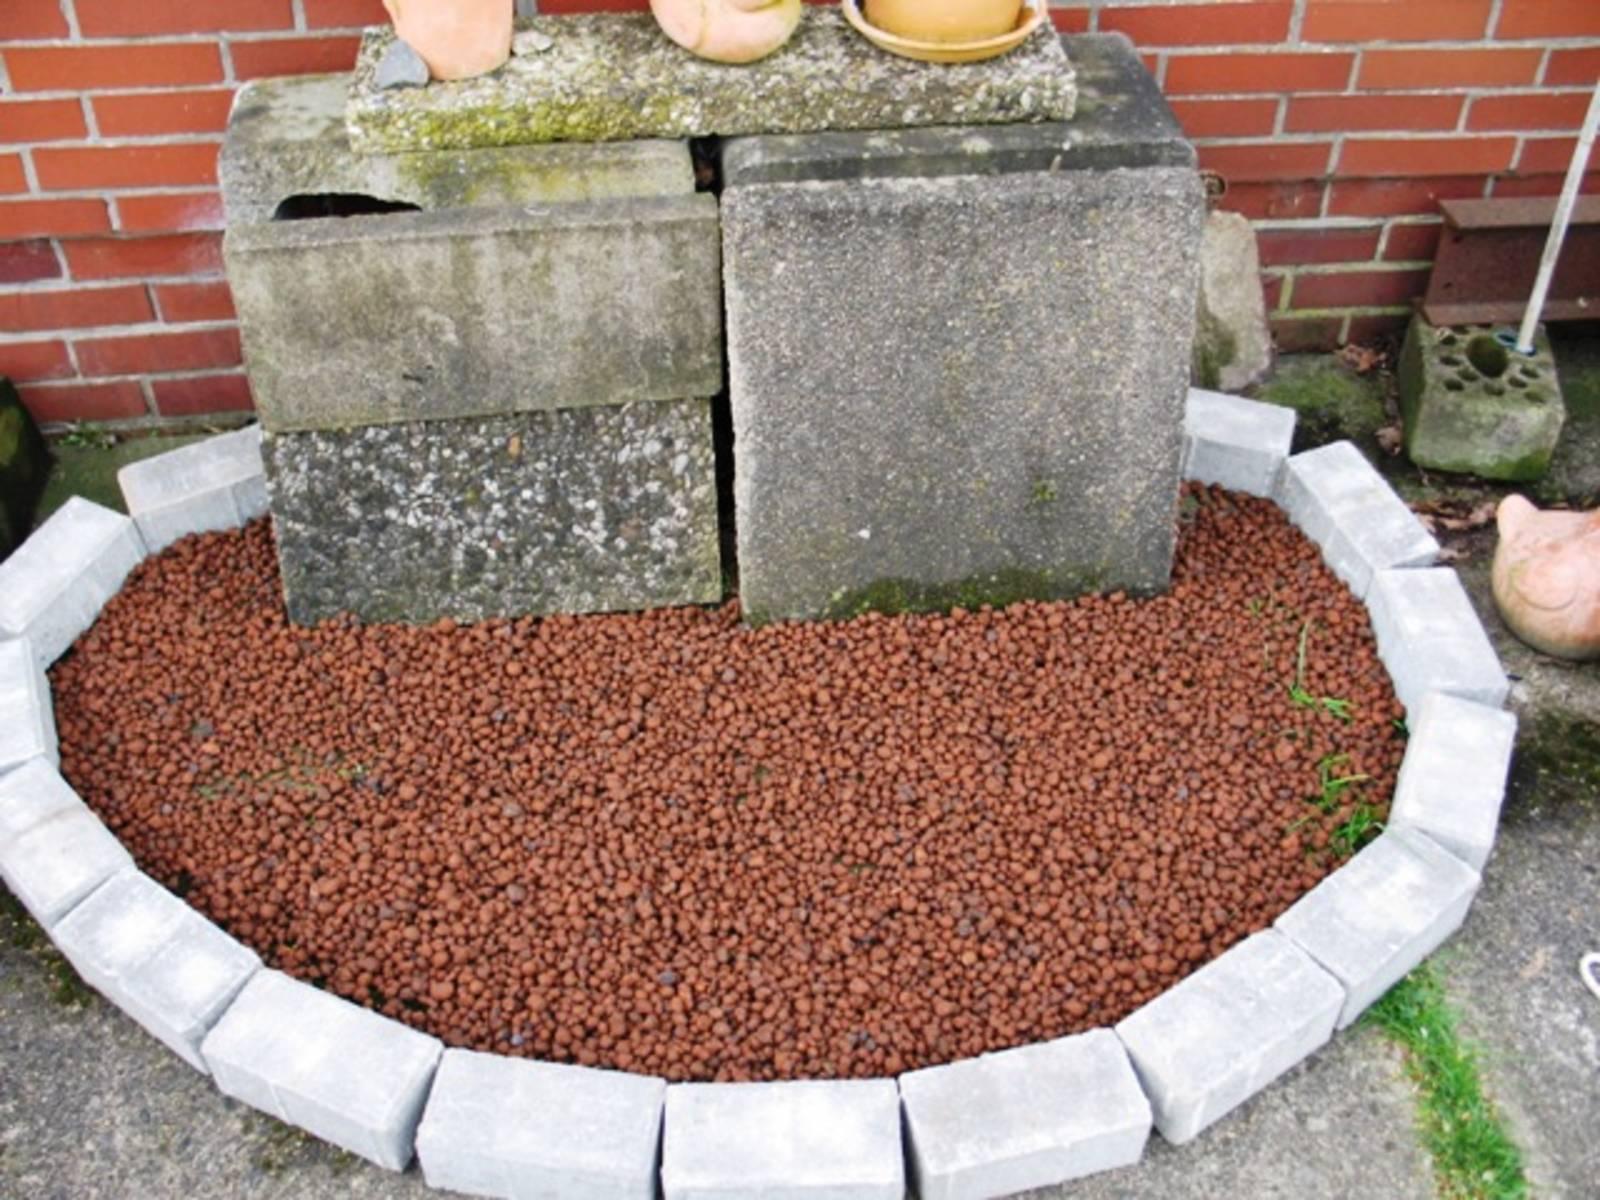 Kräuterspirale-140414-2.JPG